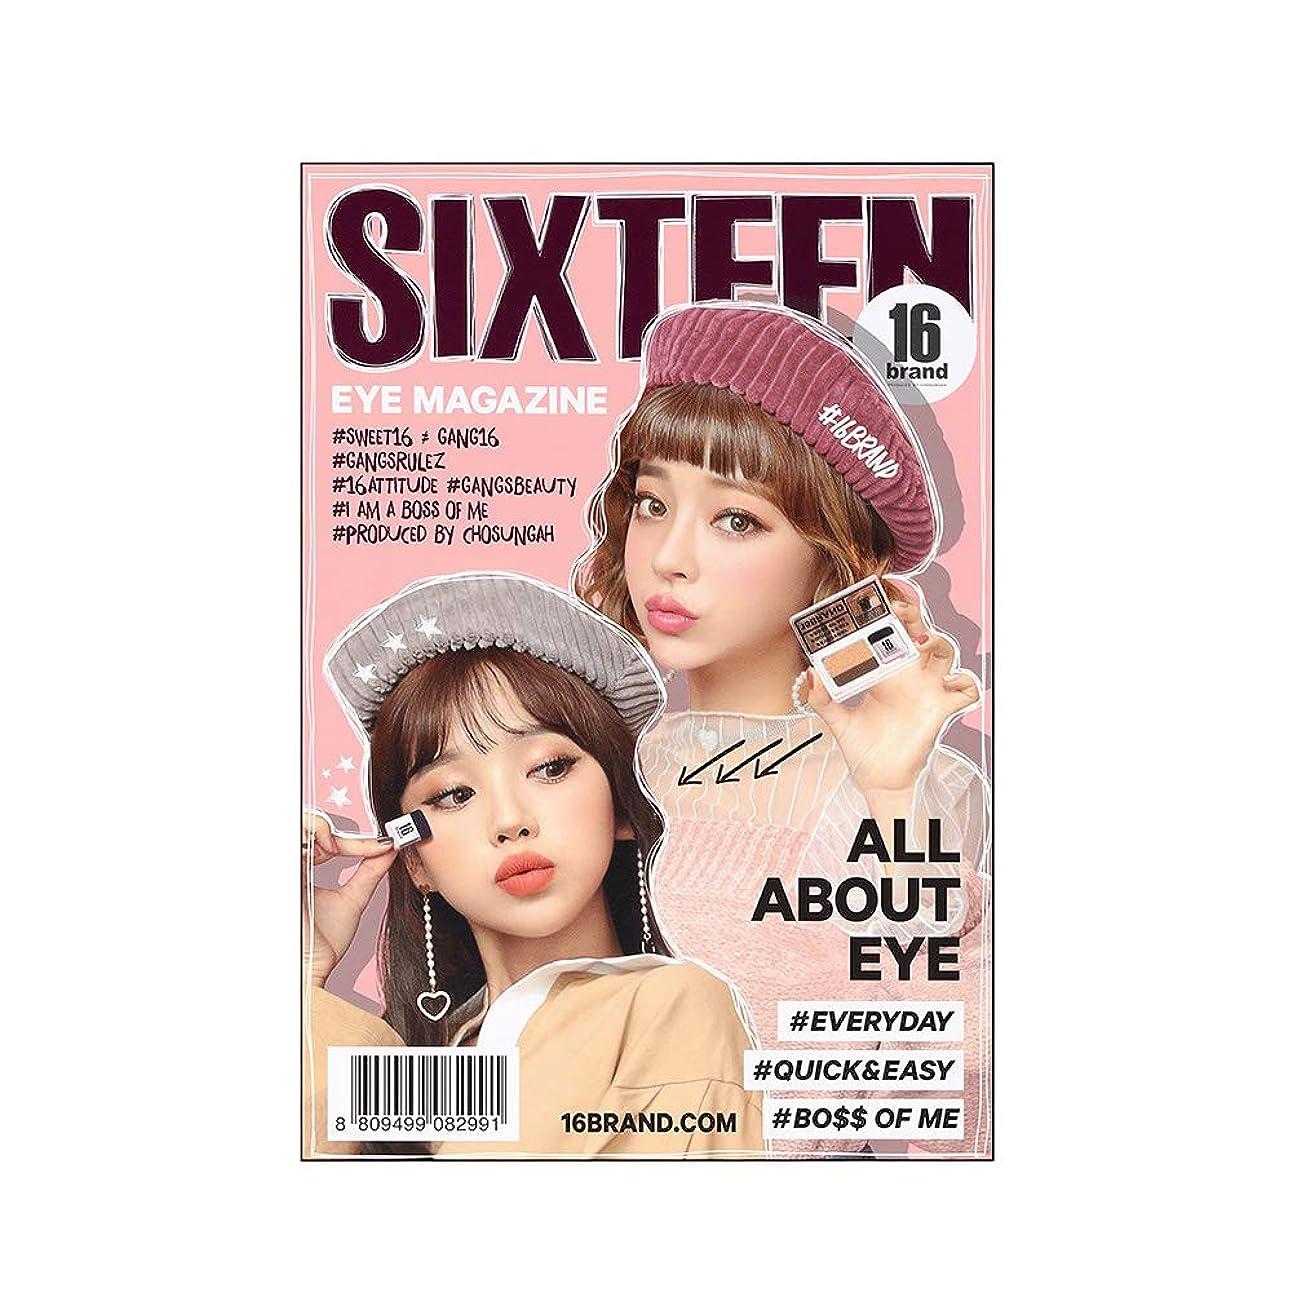 ランチョン変装公園16brand 16 Eye Magazine 2g /16ブランド 16 アイマガジン 2g [国内正規品](エブリディ)